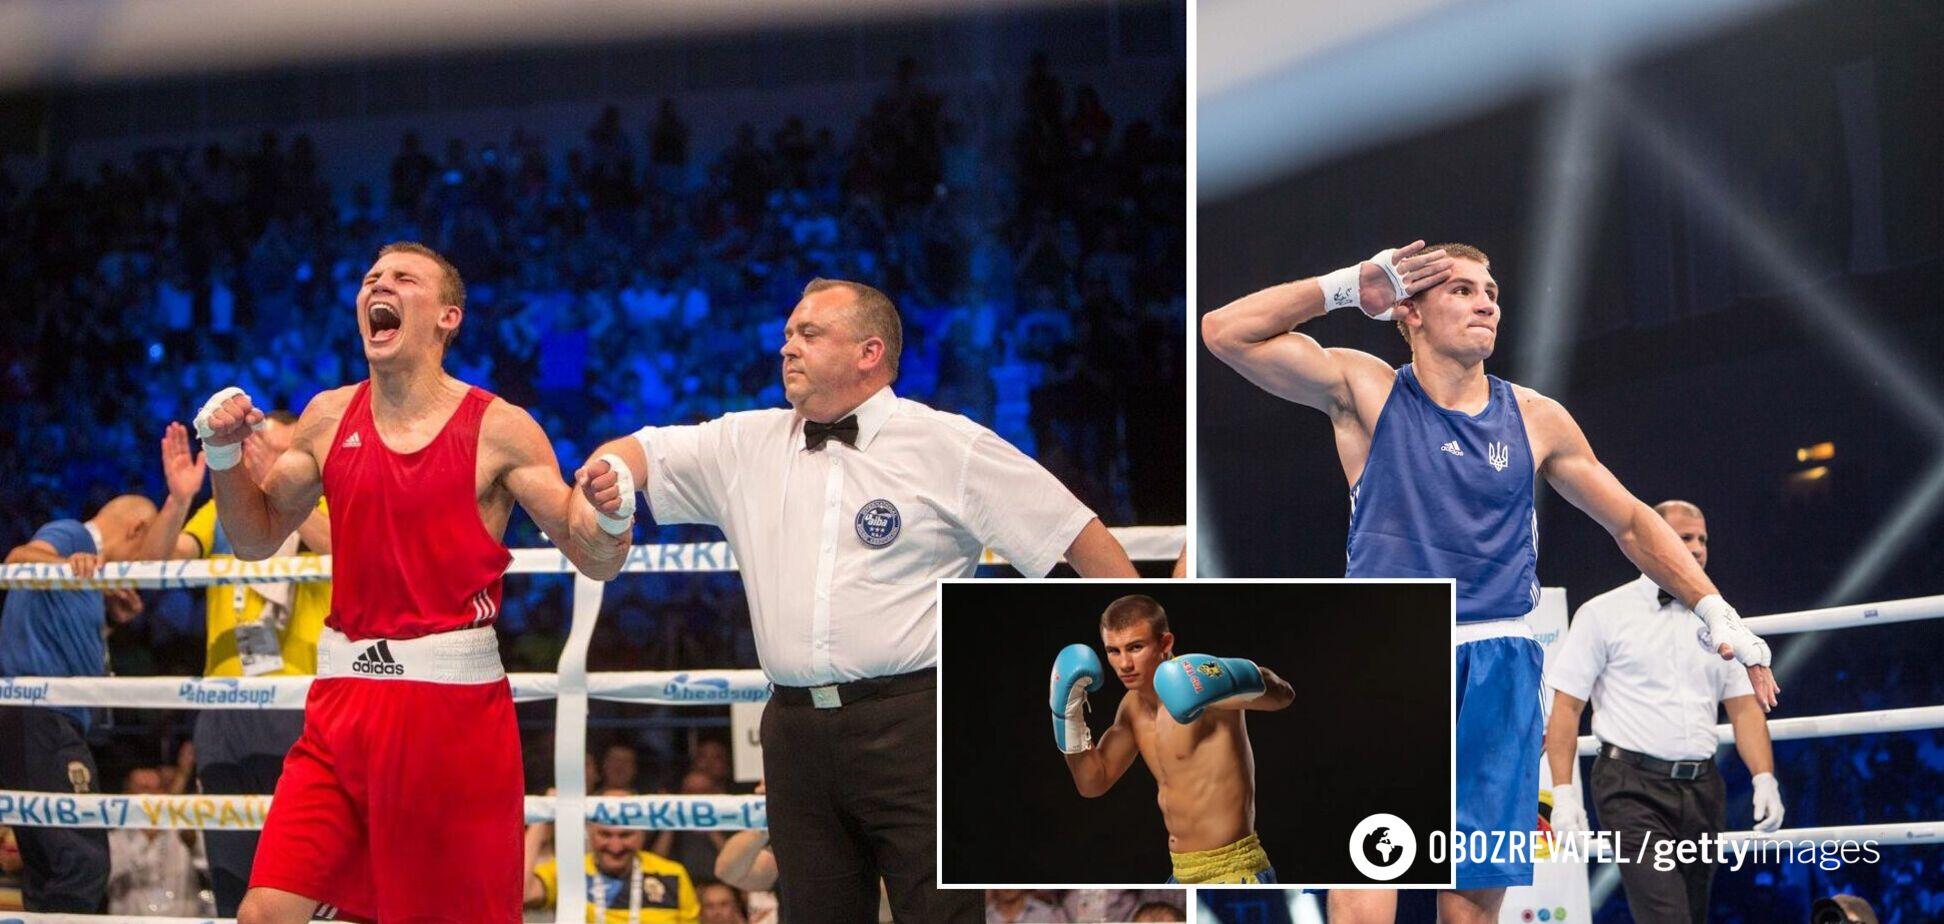 Головний суперник – зрадник України: що потрібно знати про фаворита Олімпіади в боксі Хижняка